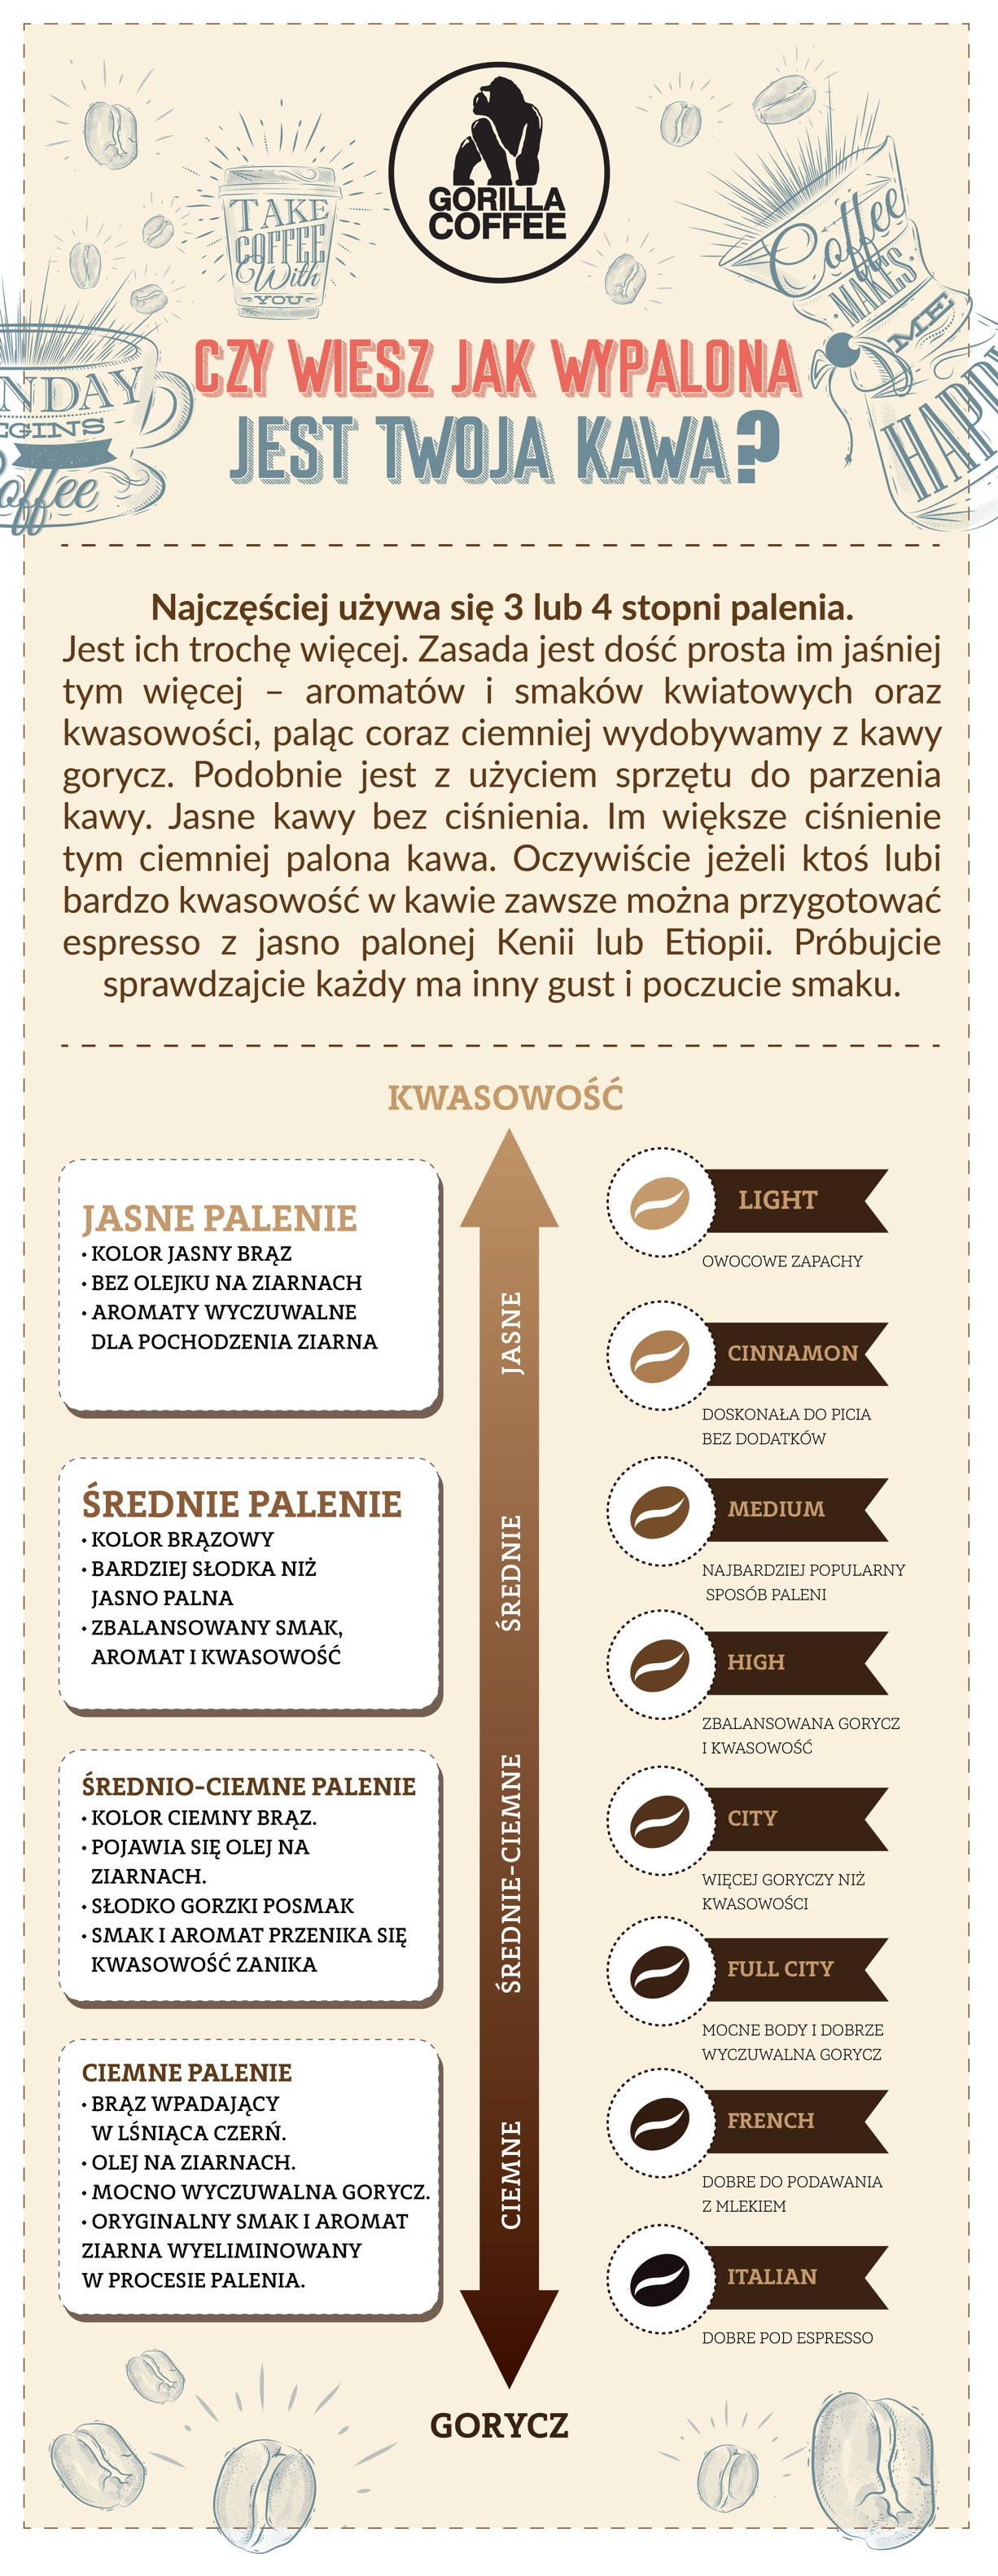 sposób wypalenia kawy